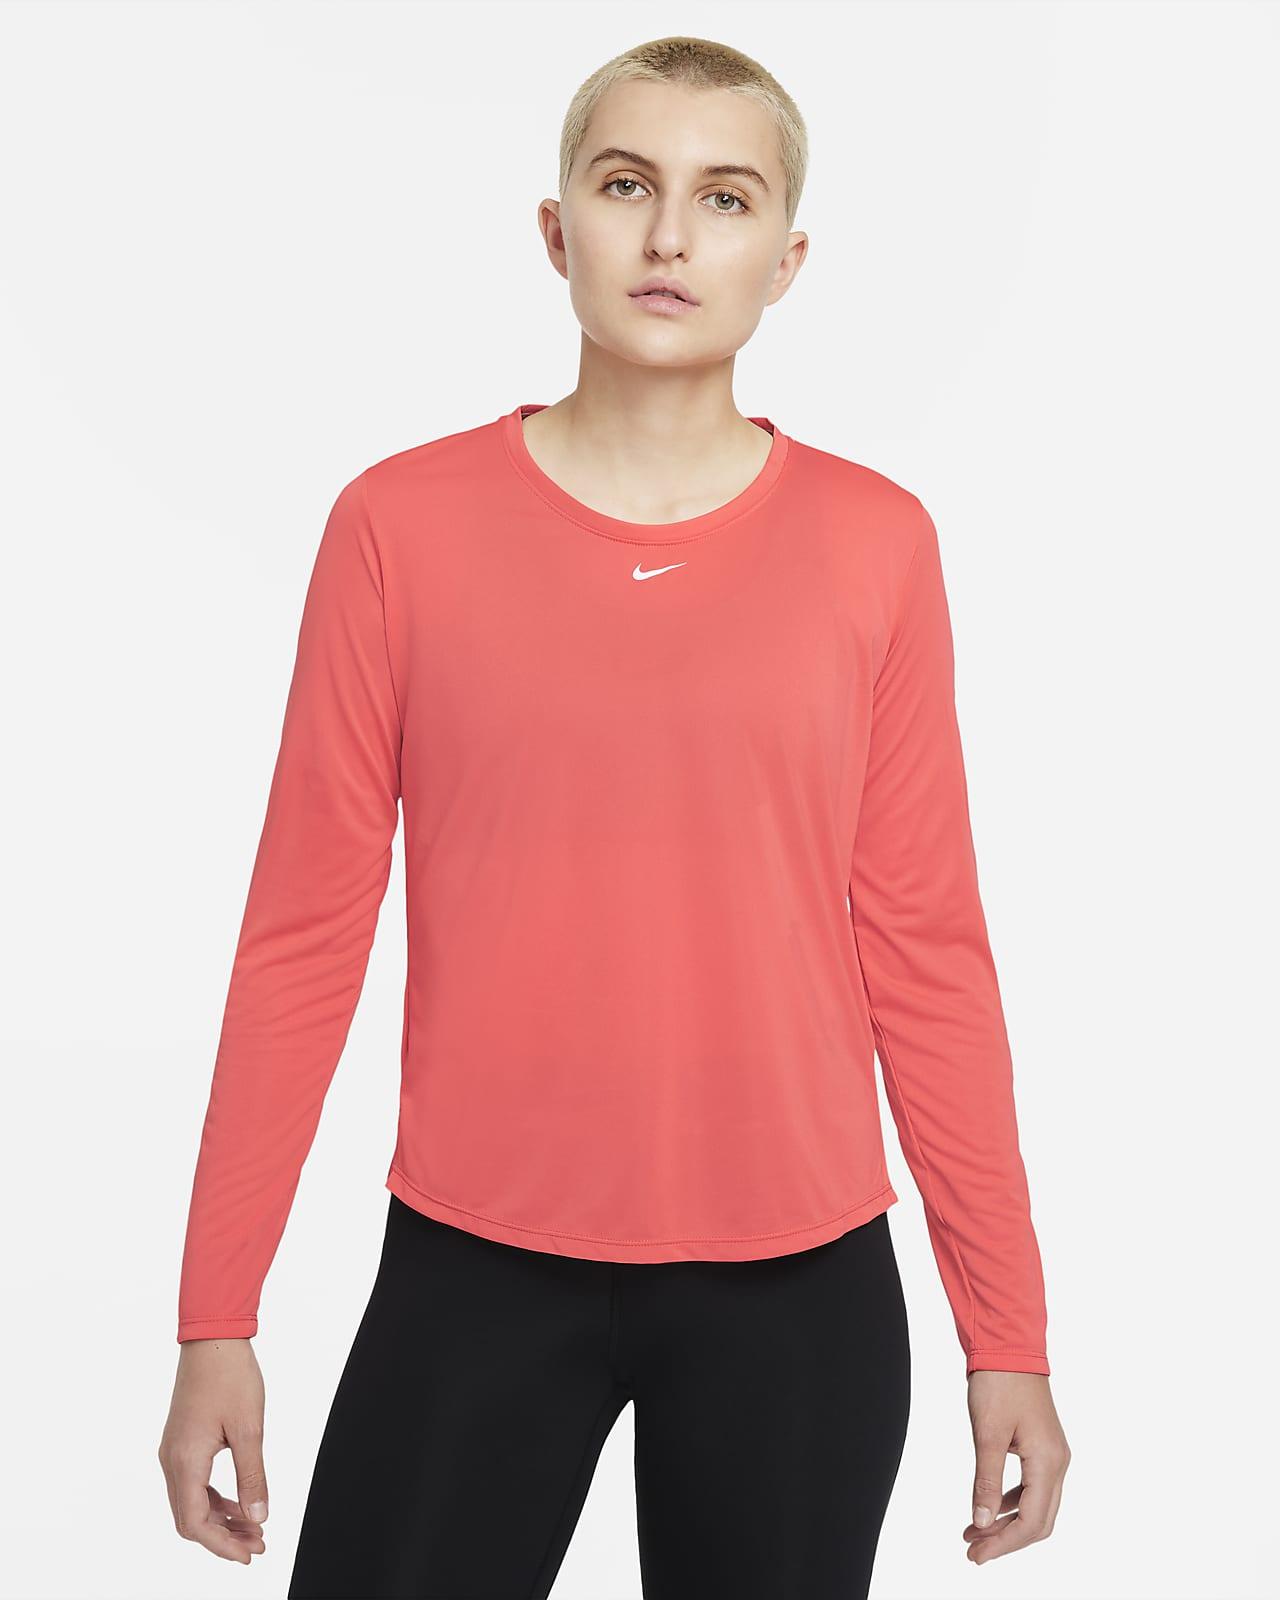 Nike Dri-FIT One Standart Kesimli Uzun Kollu Kadın Üstü